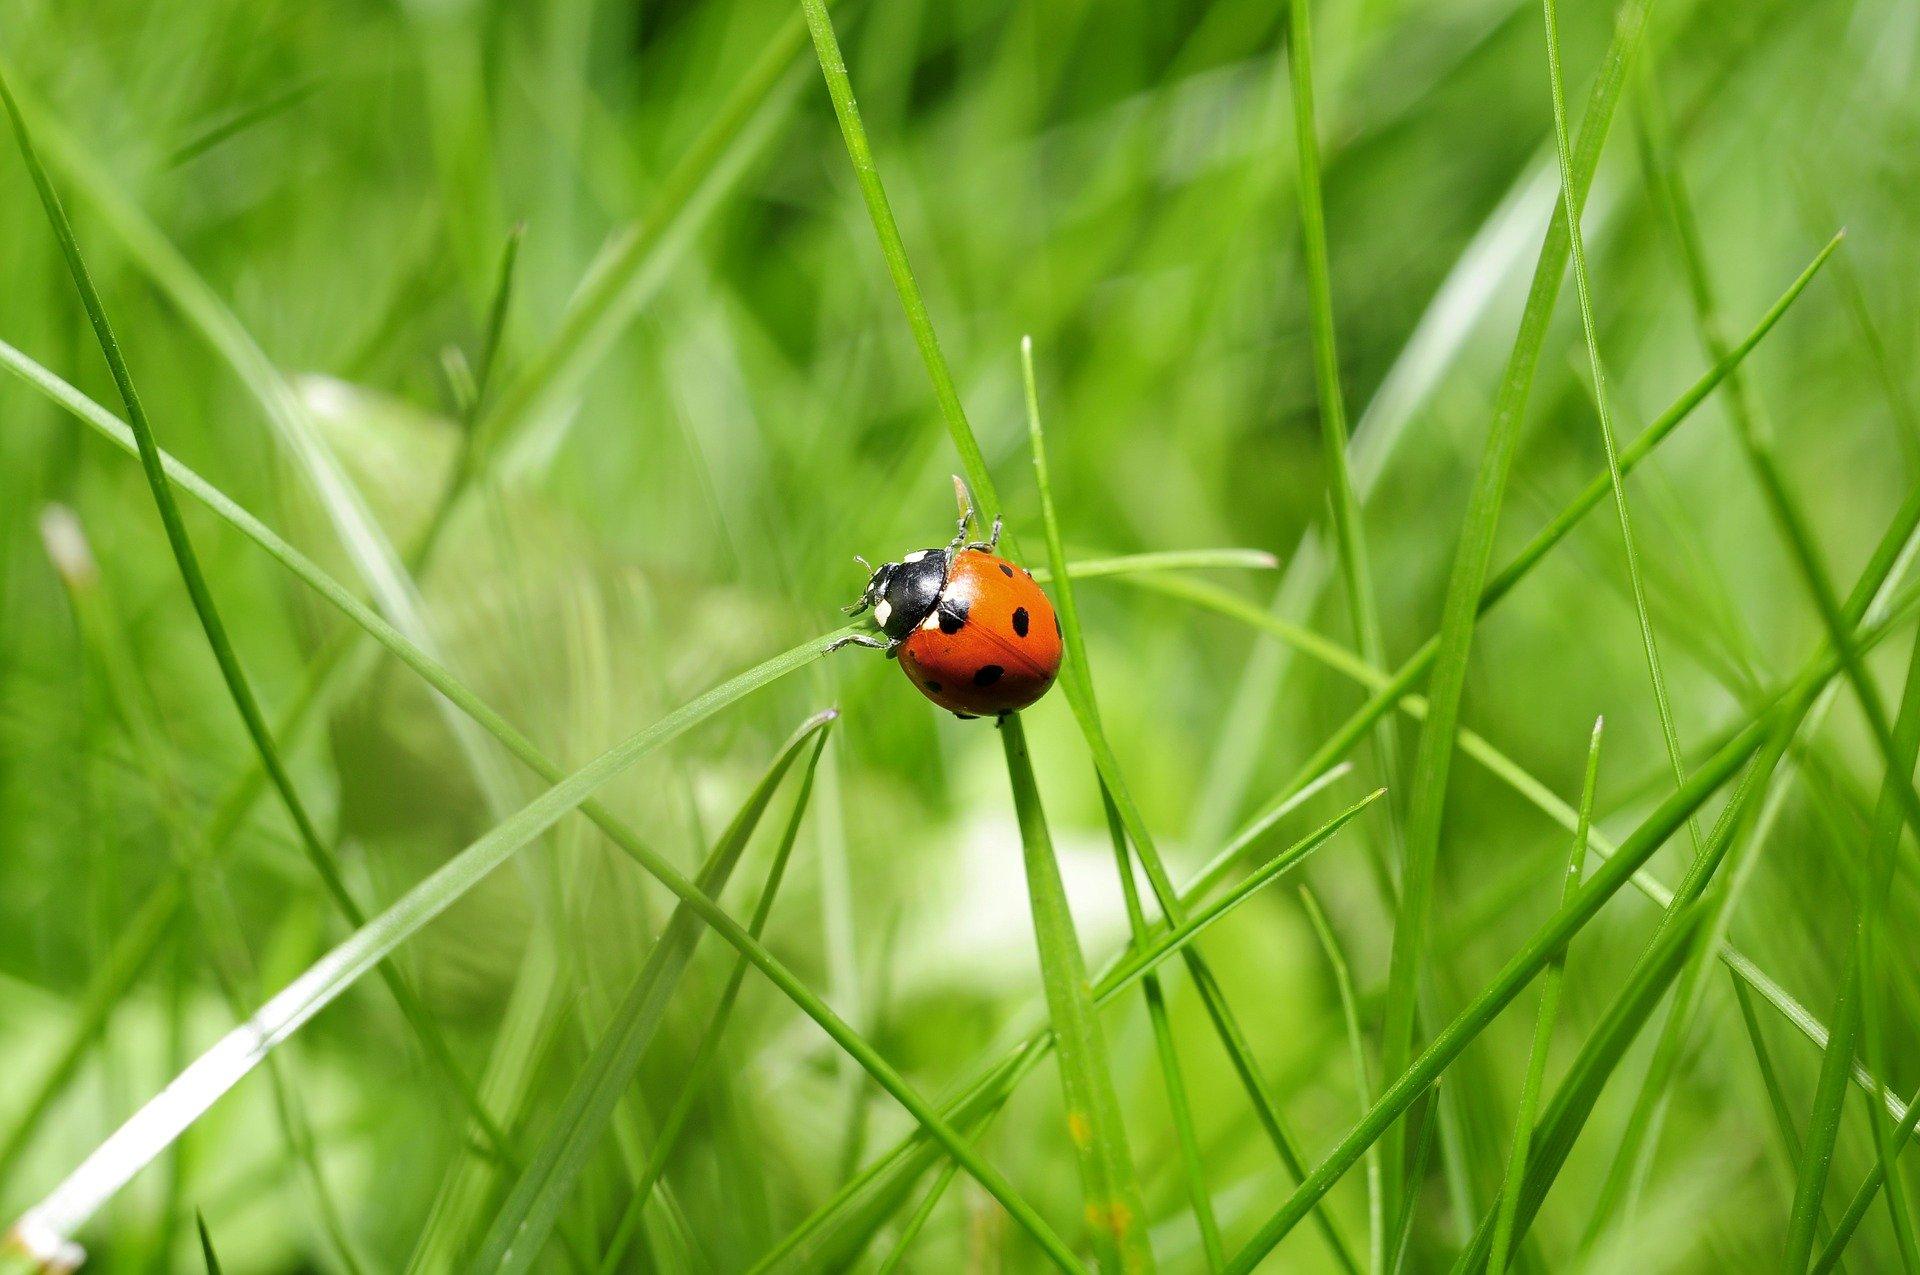 Ladybird in grass